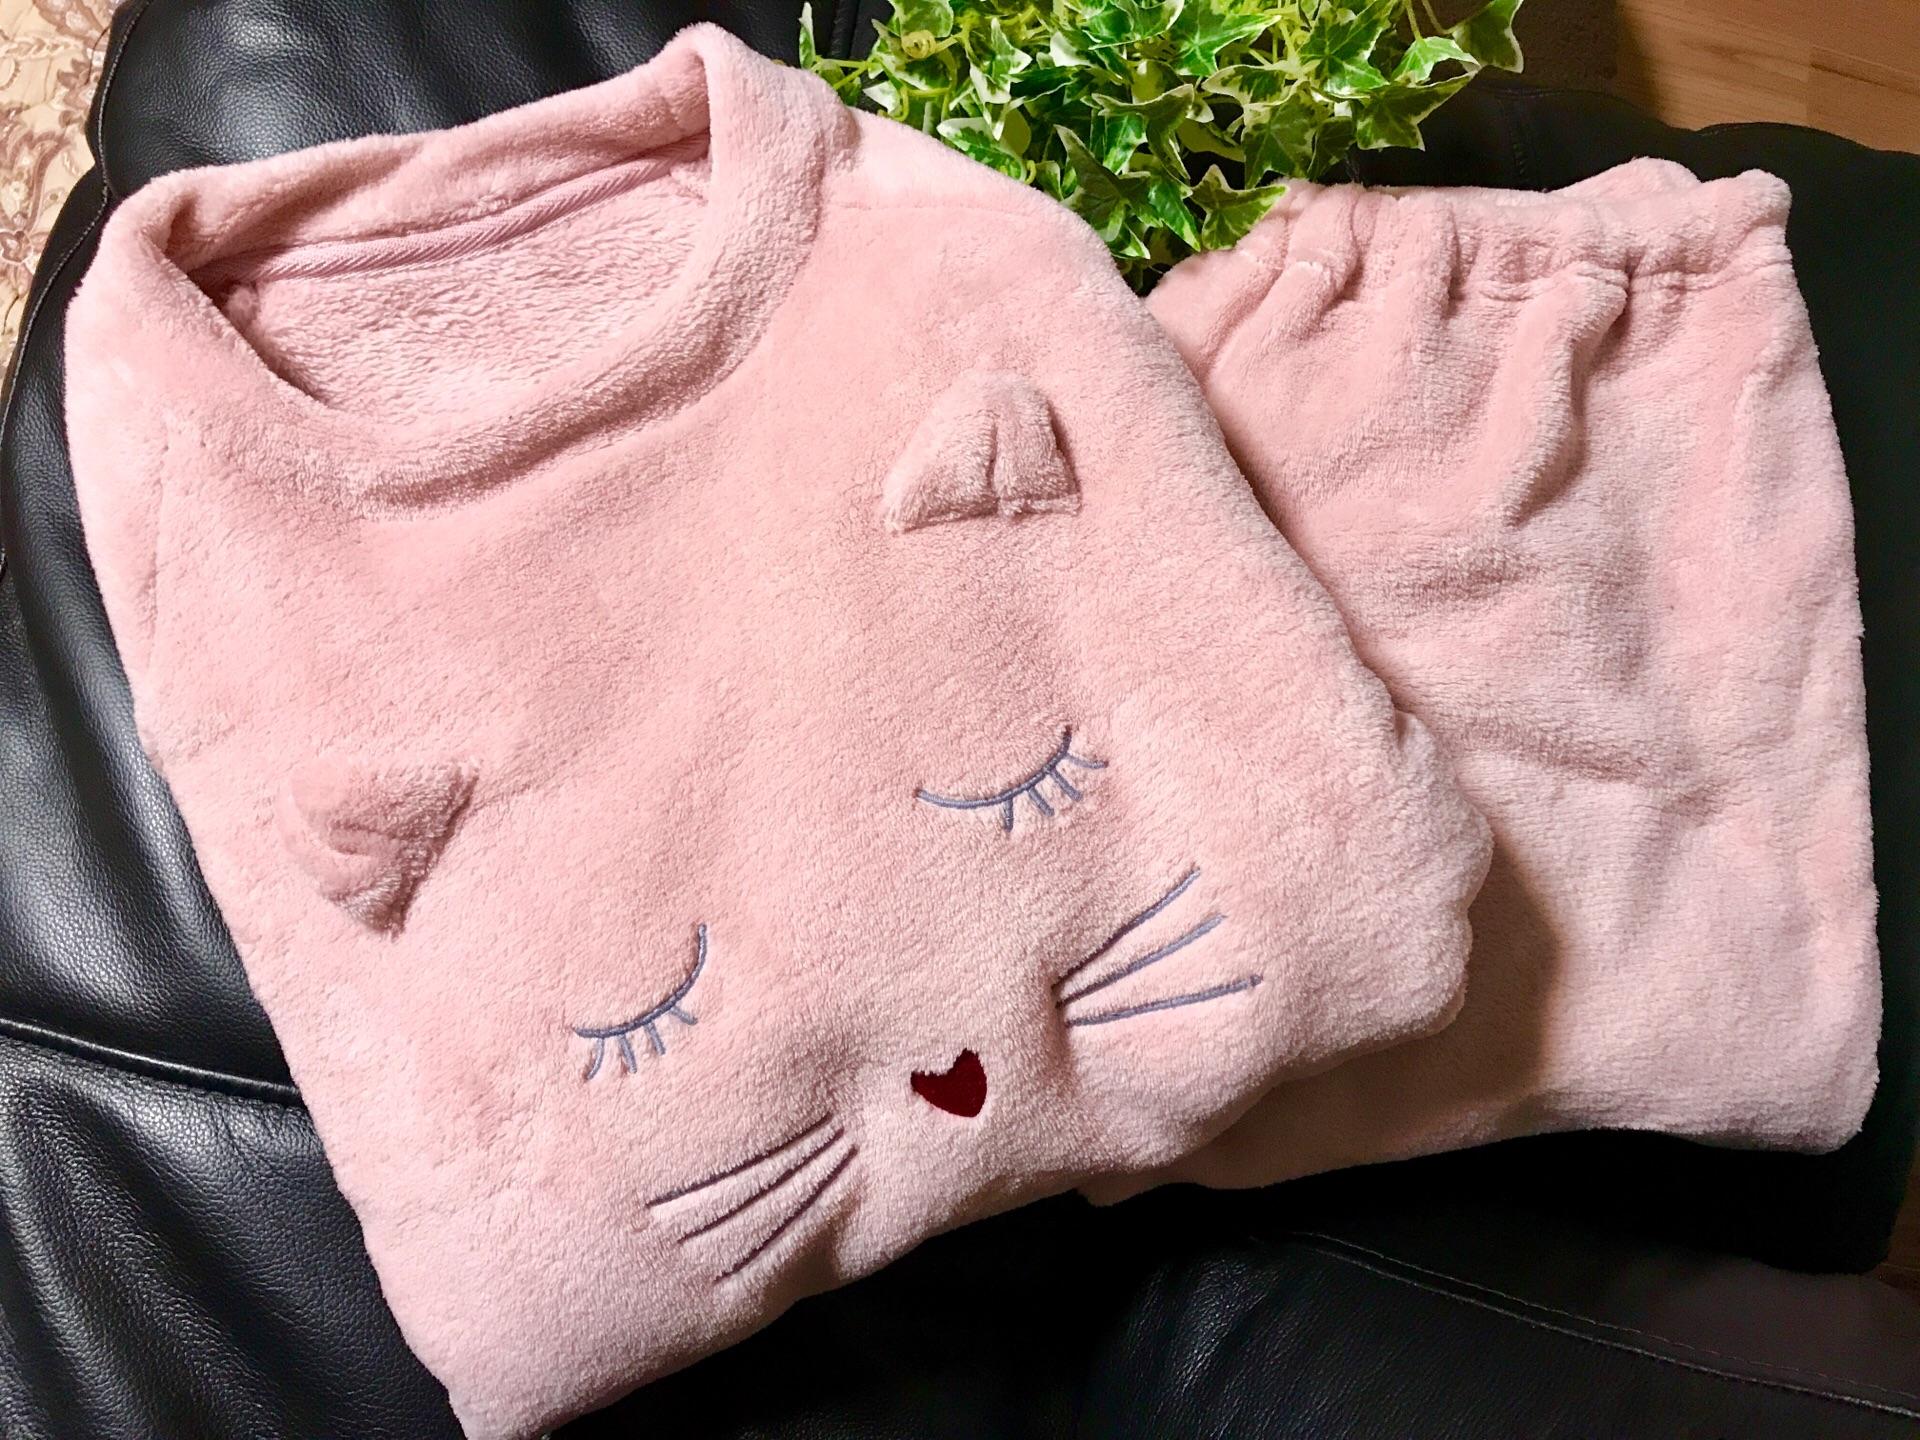 【GU】パジャマを新調して気分一新!着るだけでアガる《マシュマロフィールラウンジ》♡_1